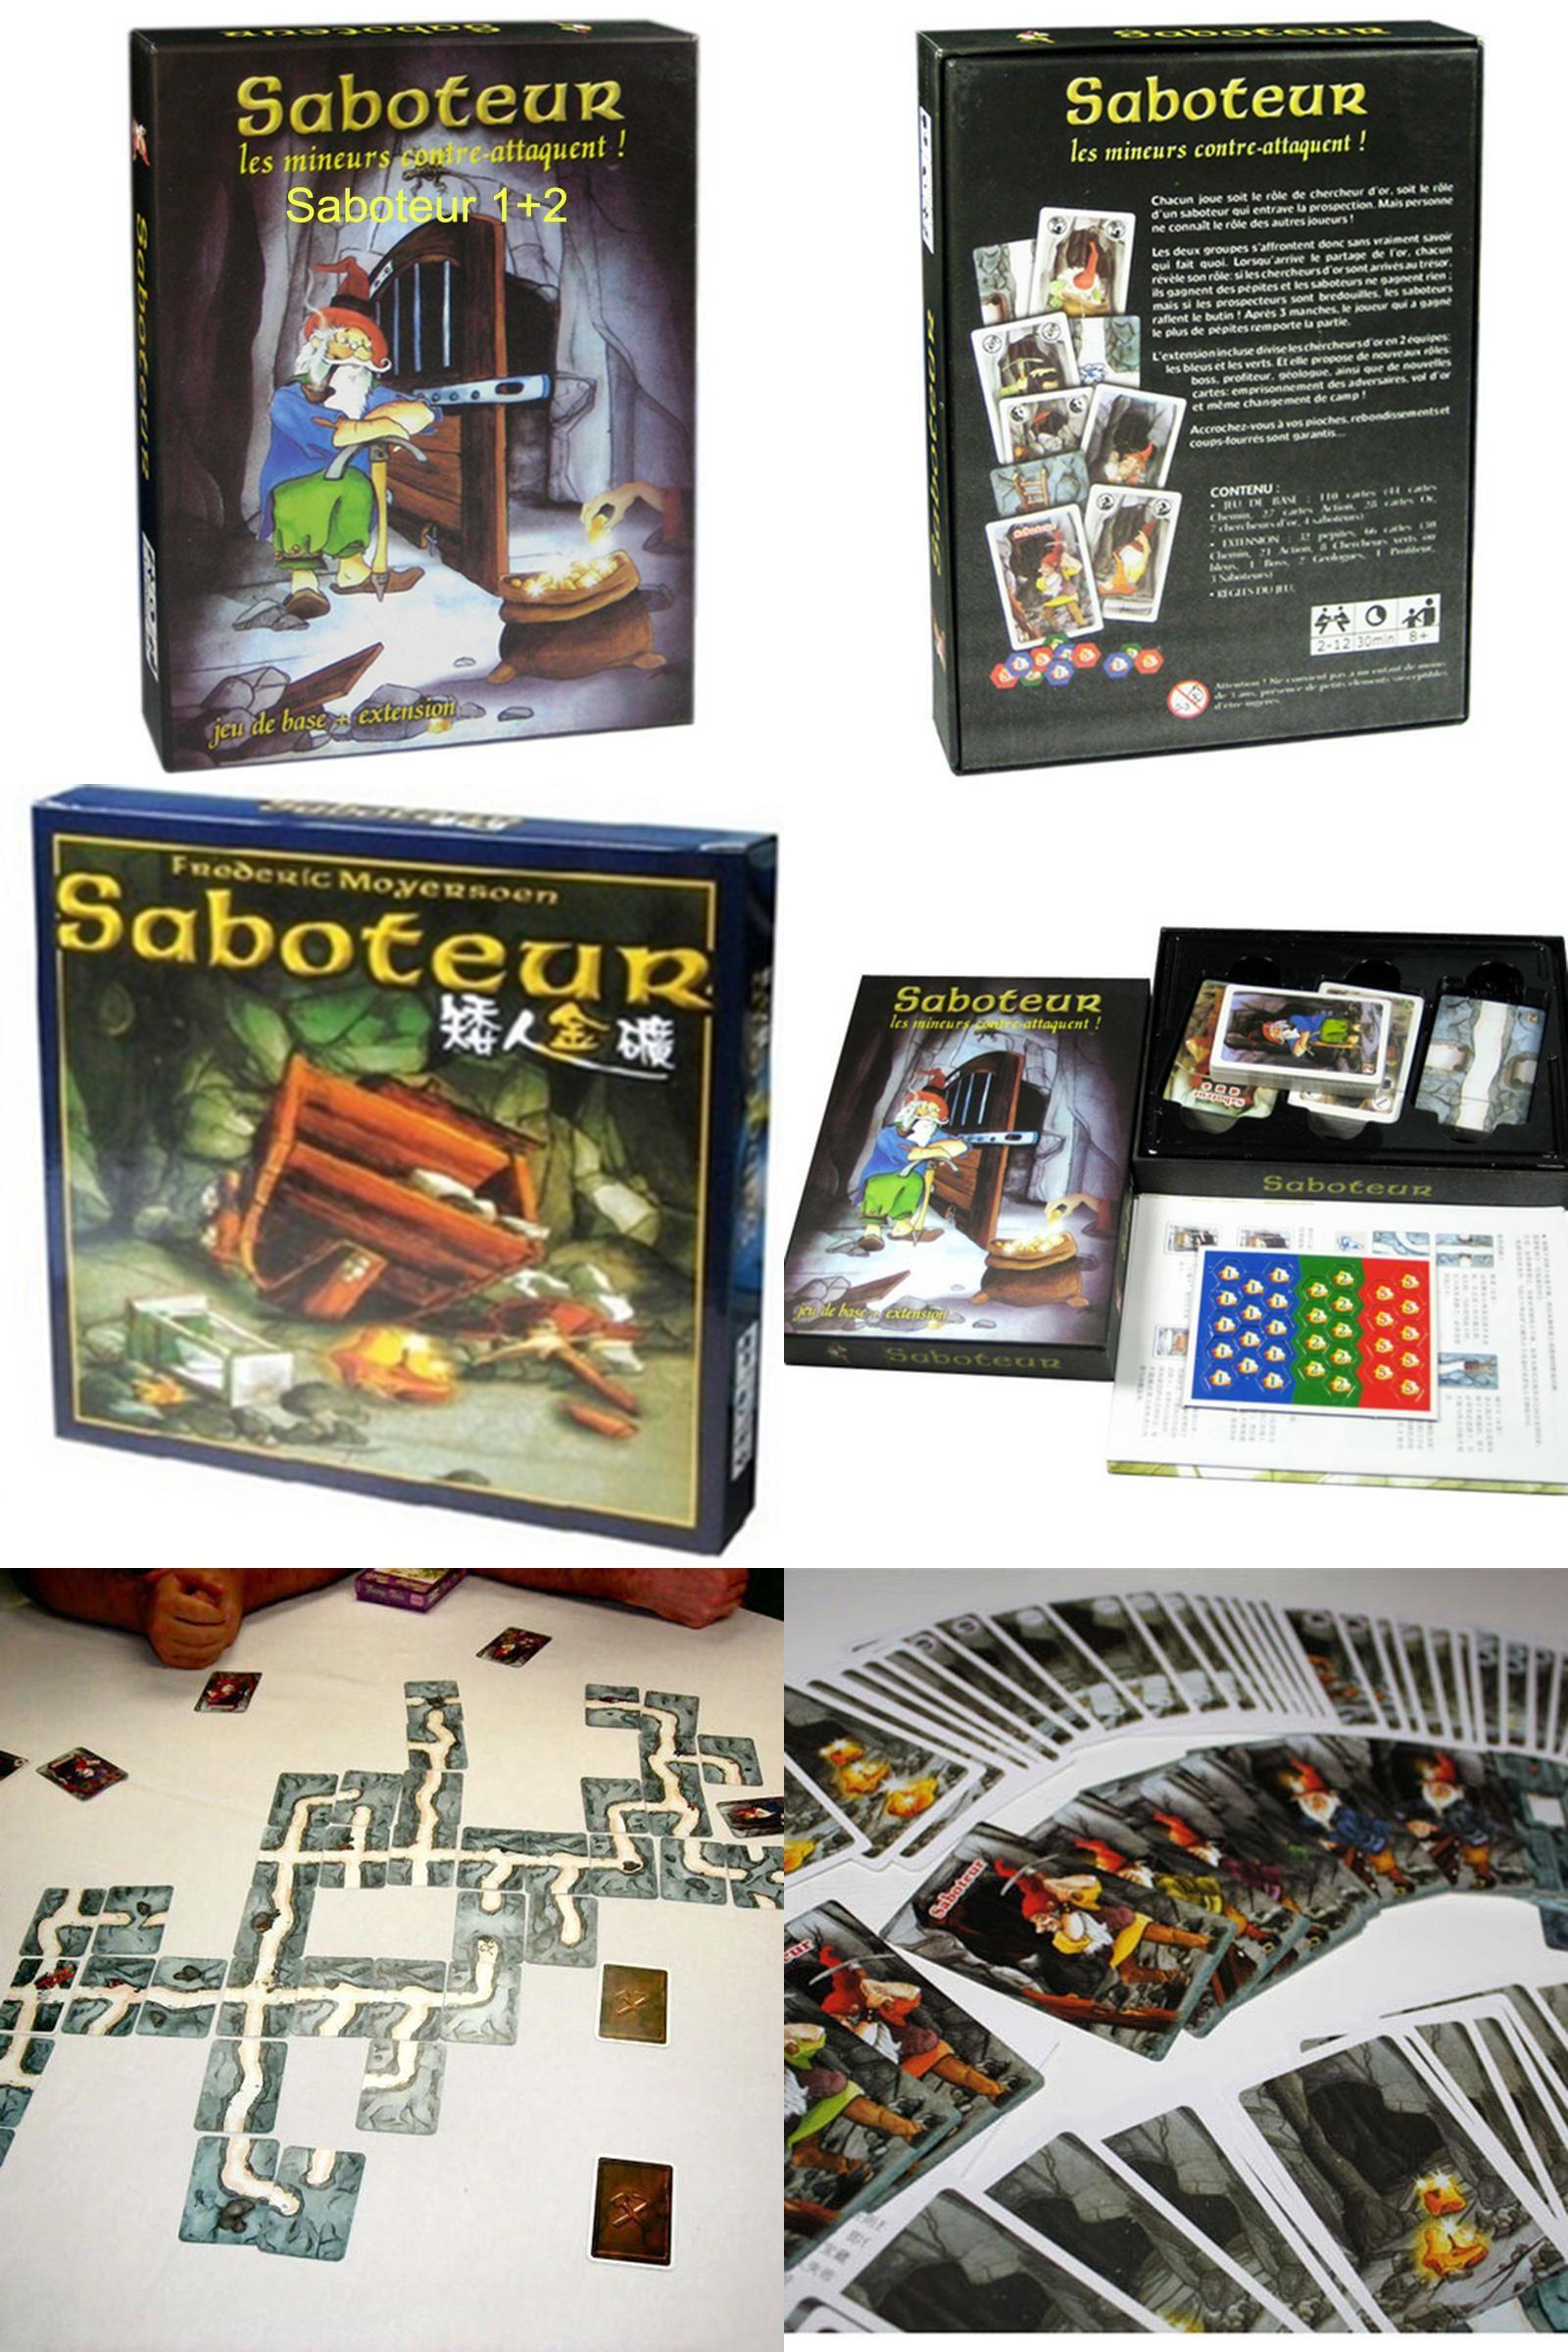 Visit To Buy Saboteur Board Game 12 Versionsaboteur1 Version